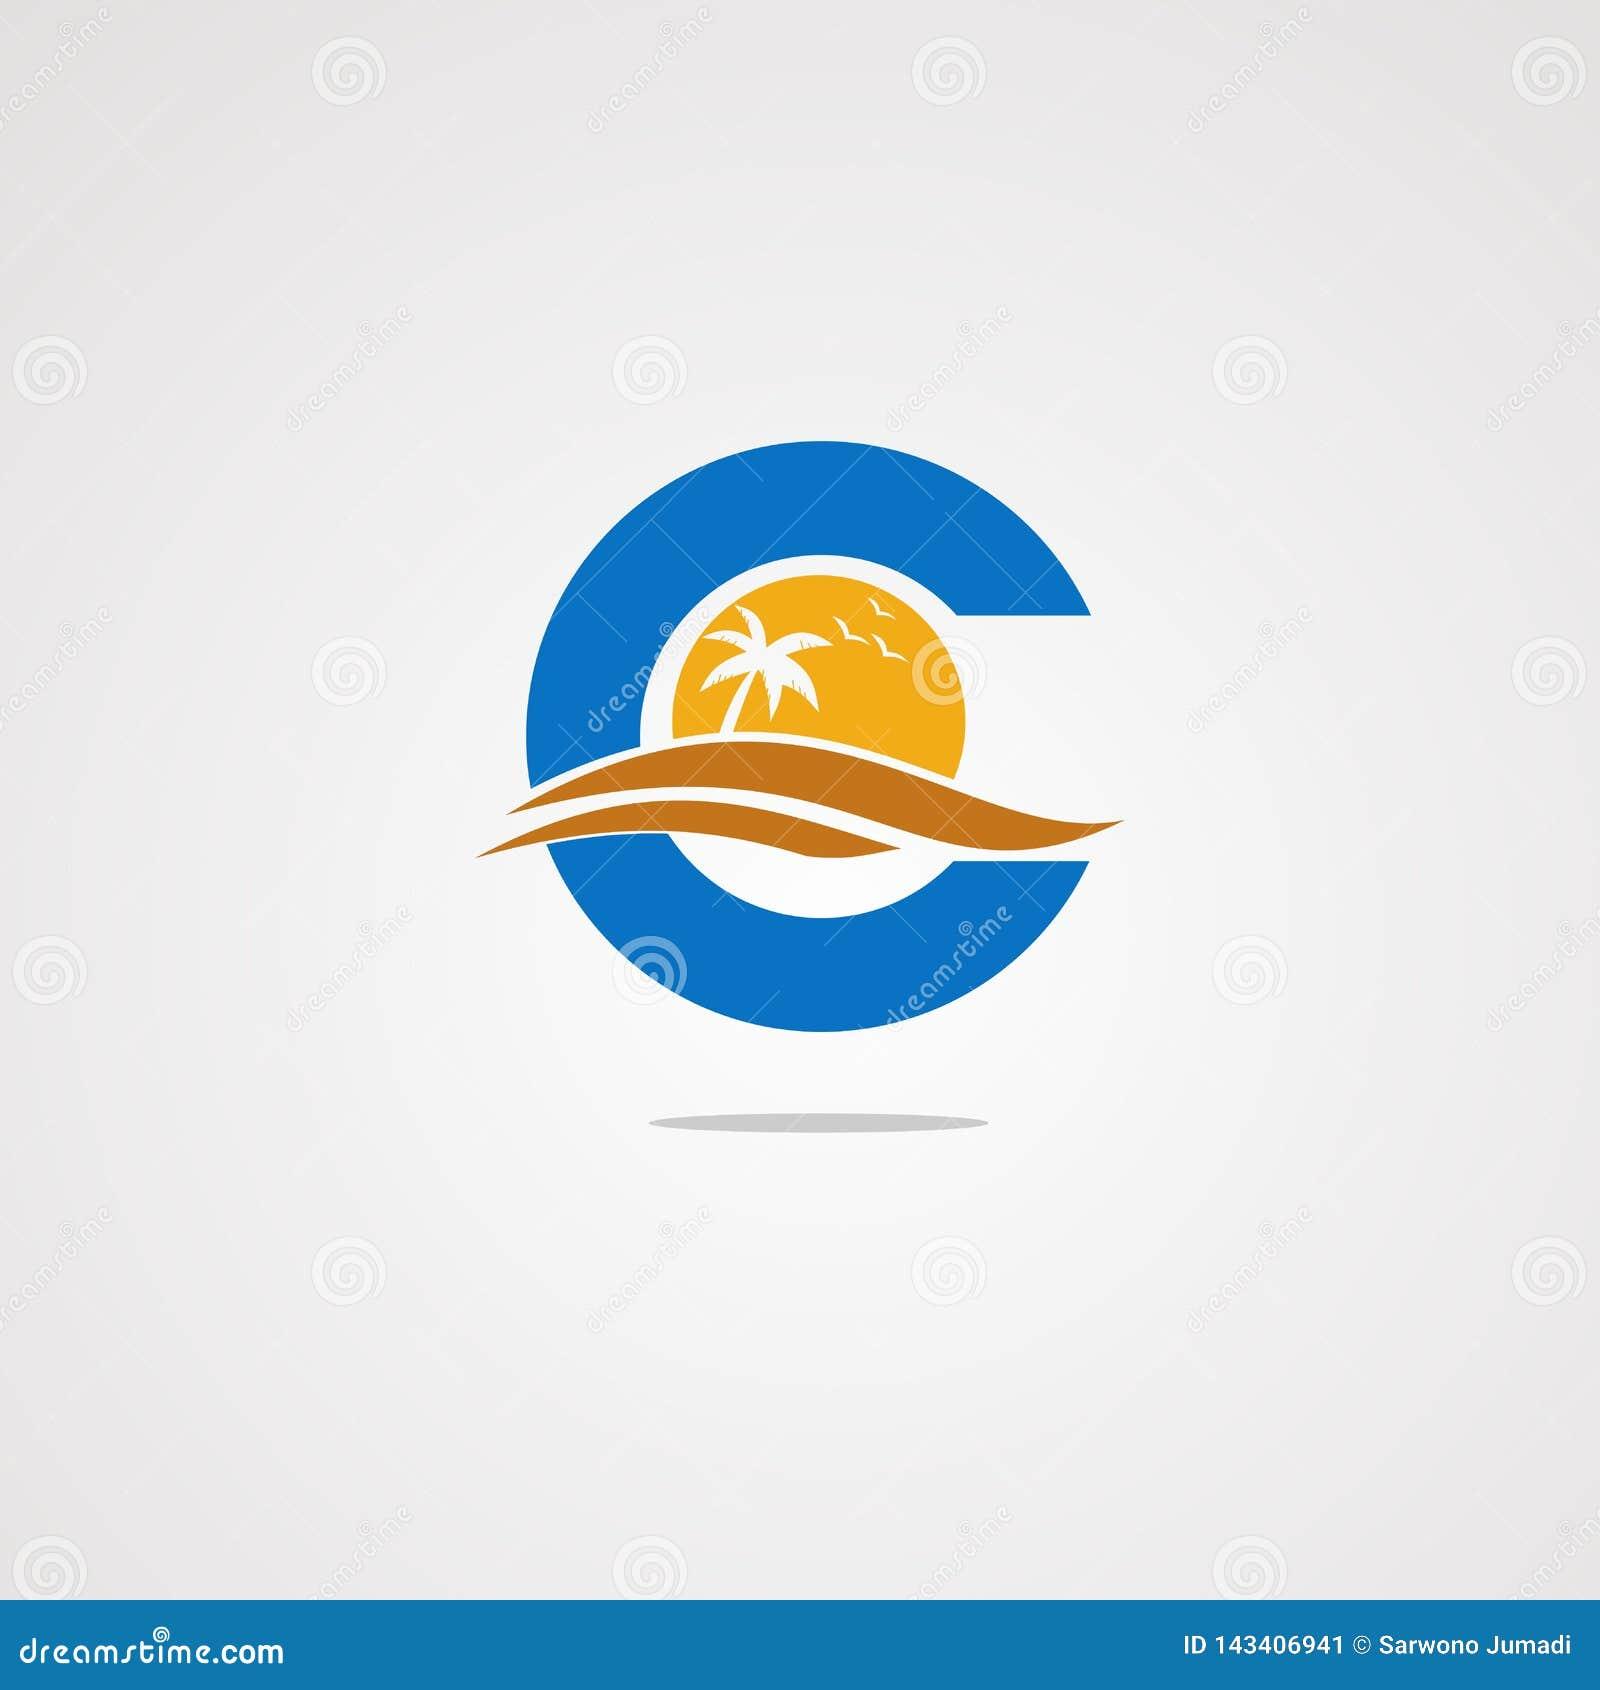 Concetto, icona, elemento e modello di vettore di logo della spiaggia della lettera c per la società